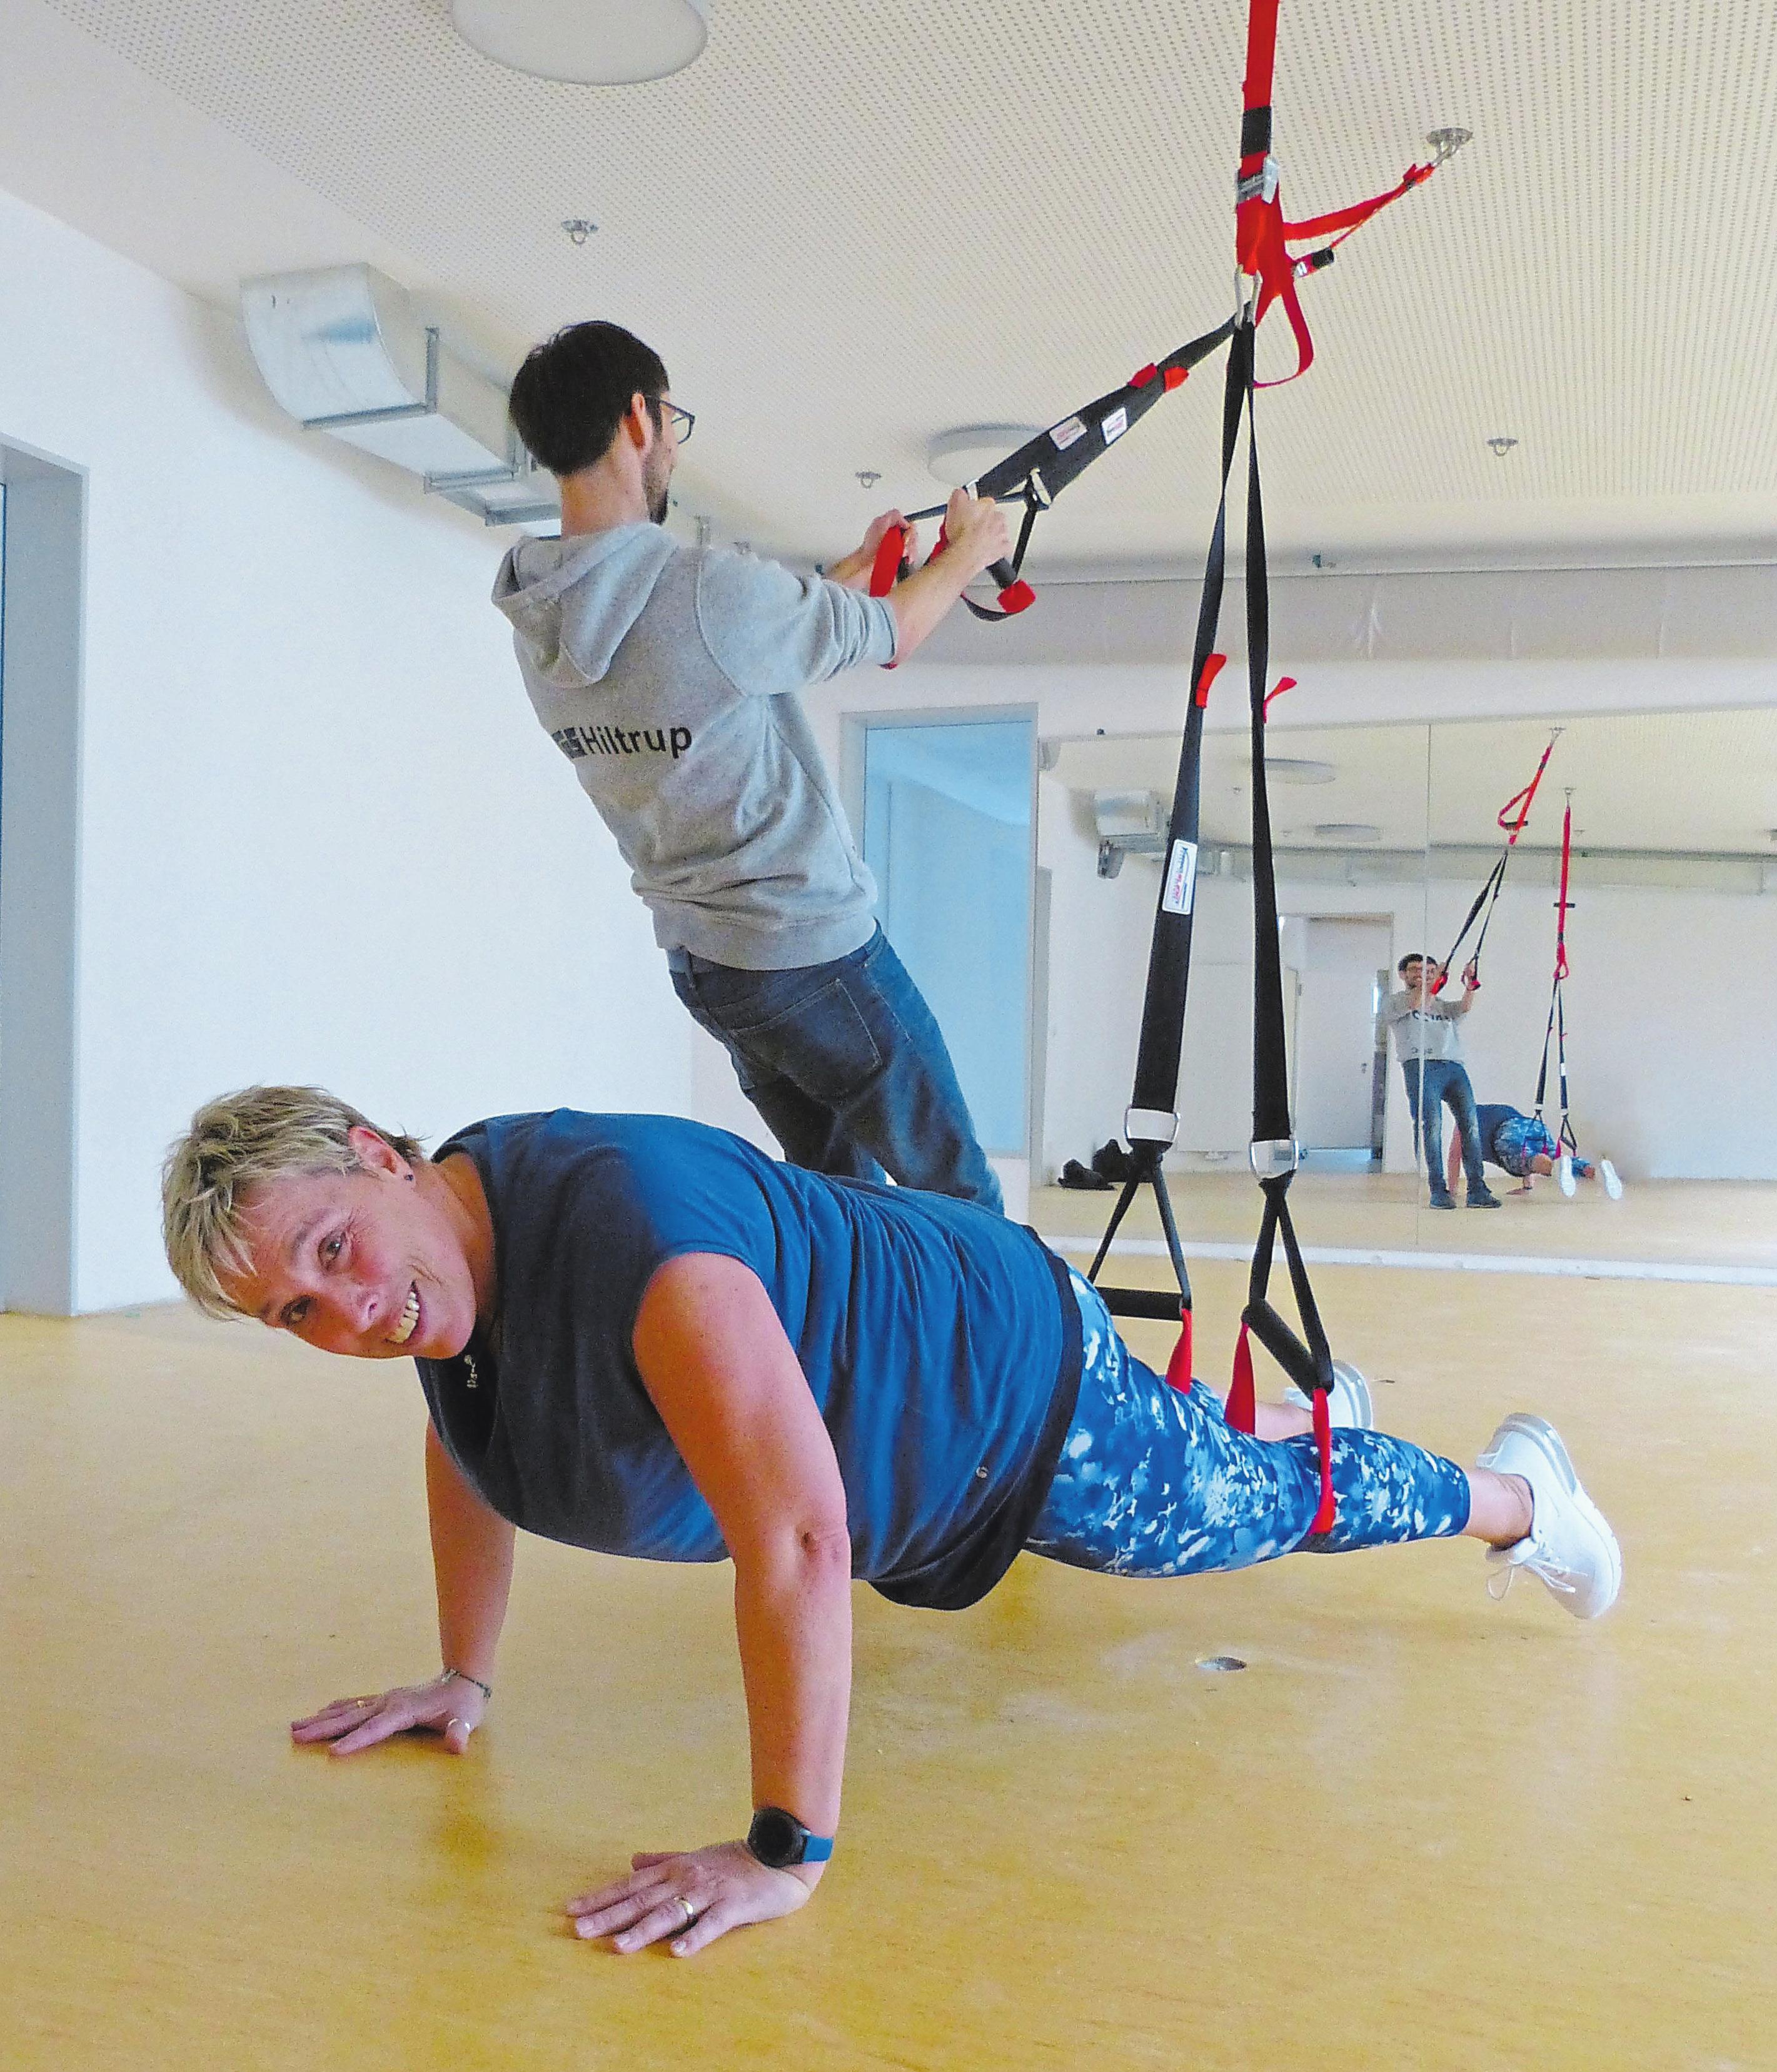 Schlingentraining, ein funktionelles Krafttraining mit dem eigenen Körpergewicht, wird künftig beim TuS angeboten. Foto: Jan-Philipp Jenke